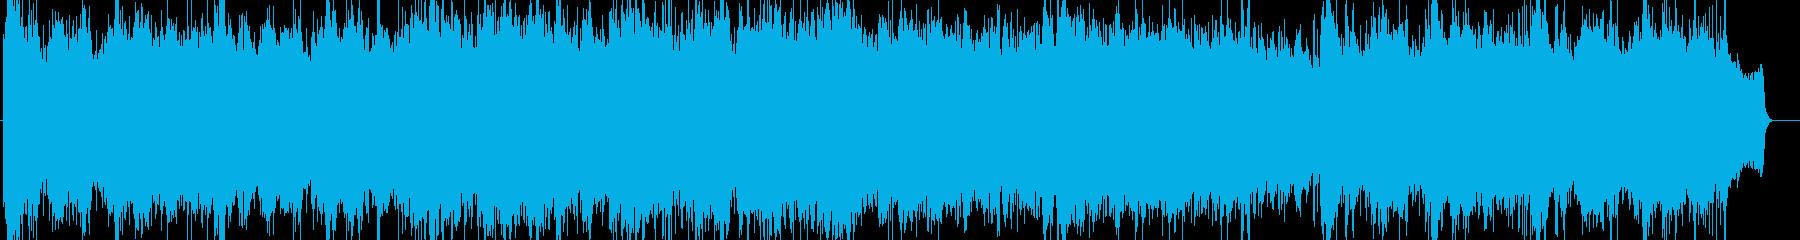 感動的で壮大なオーケストラBGMの再生済みの波形